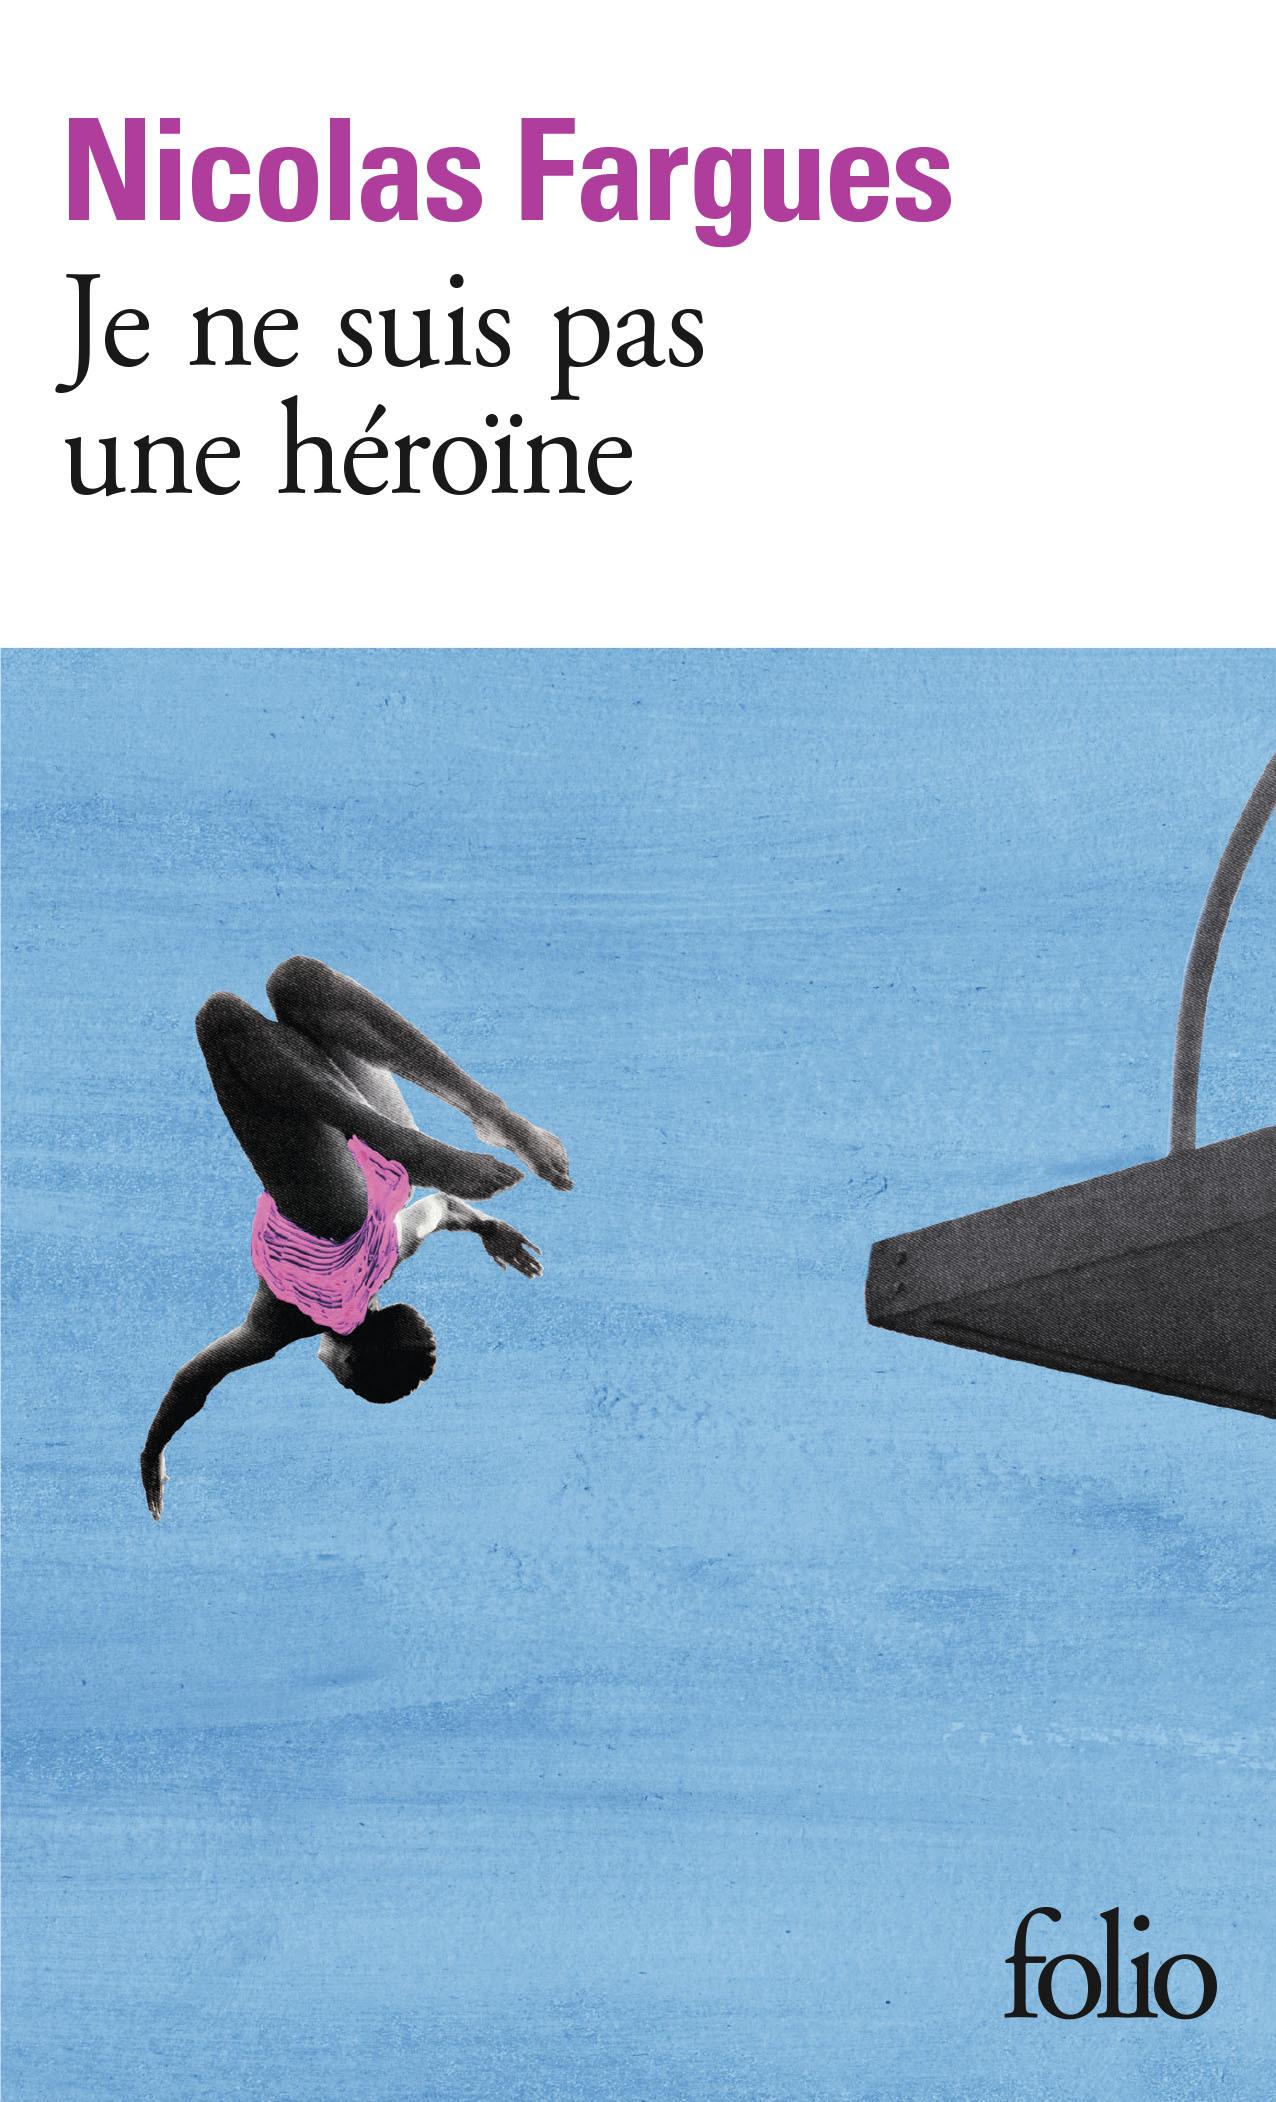 JE NE SUIS PAS UNE HEROINE